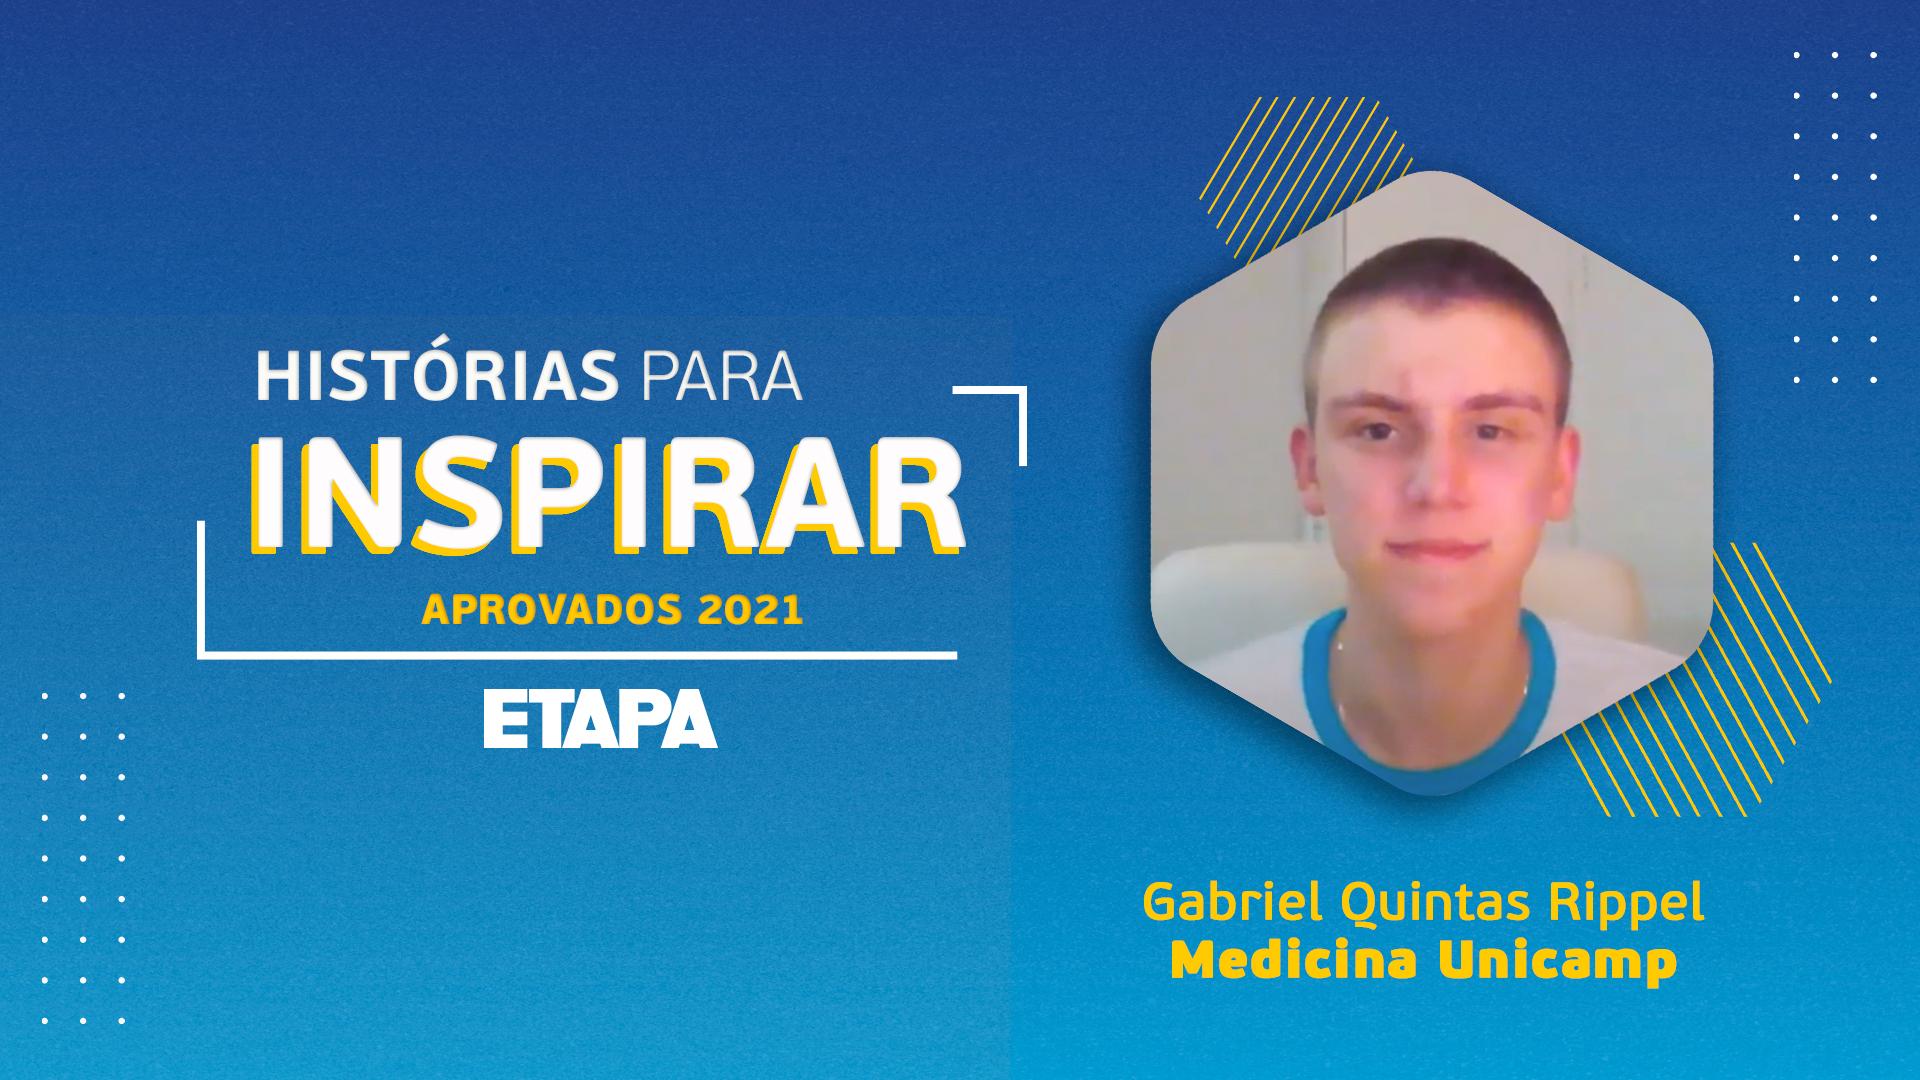 Gabriel Quintas Rippel afirma que as apostilas de revisão do Etapa foram fundamentais para sua preparação.